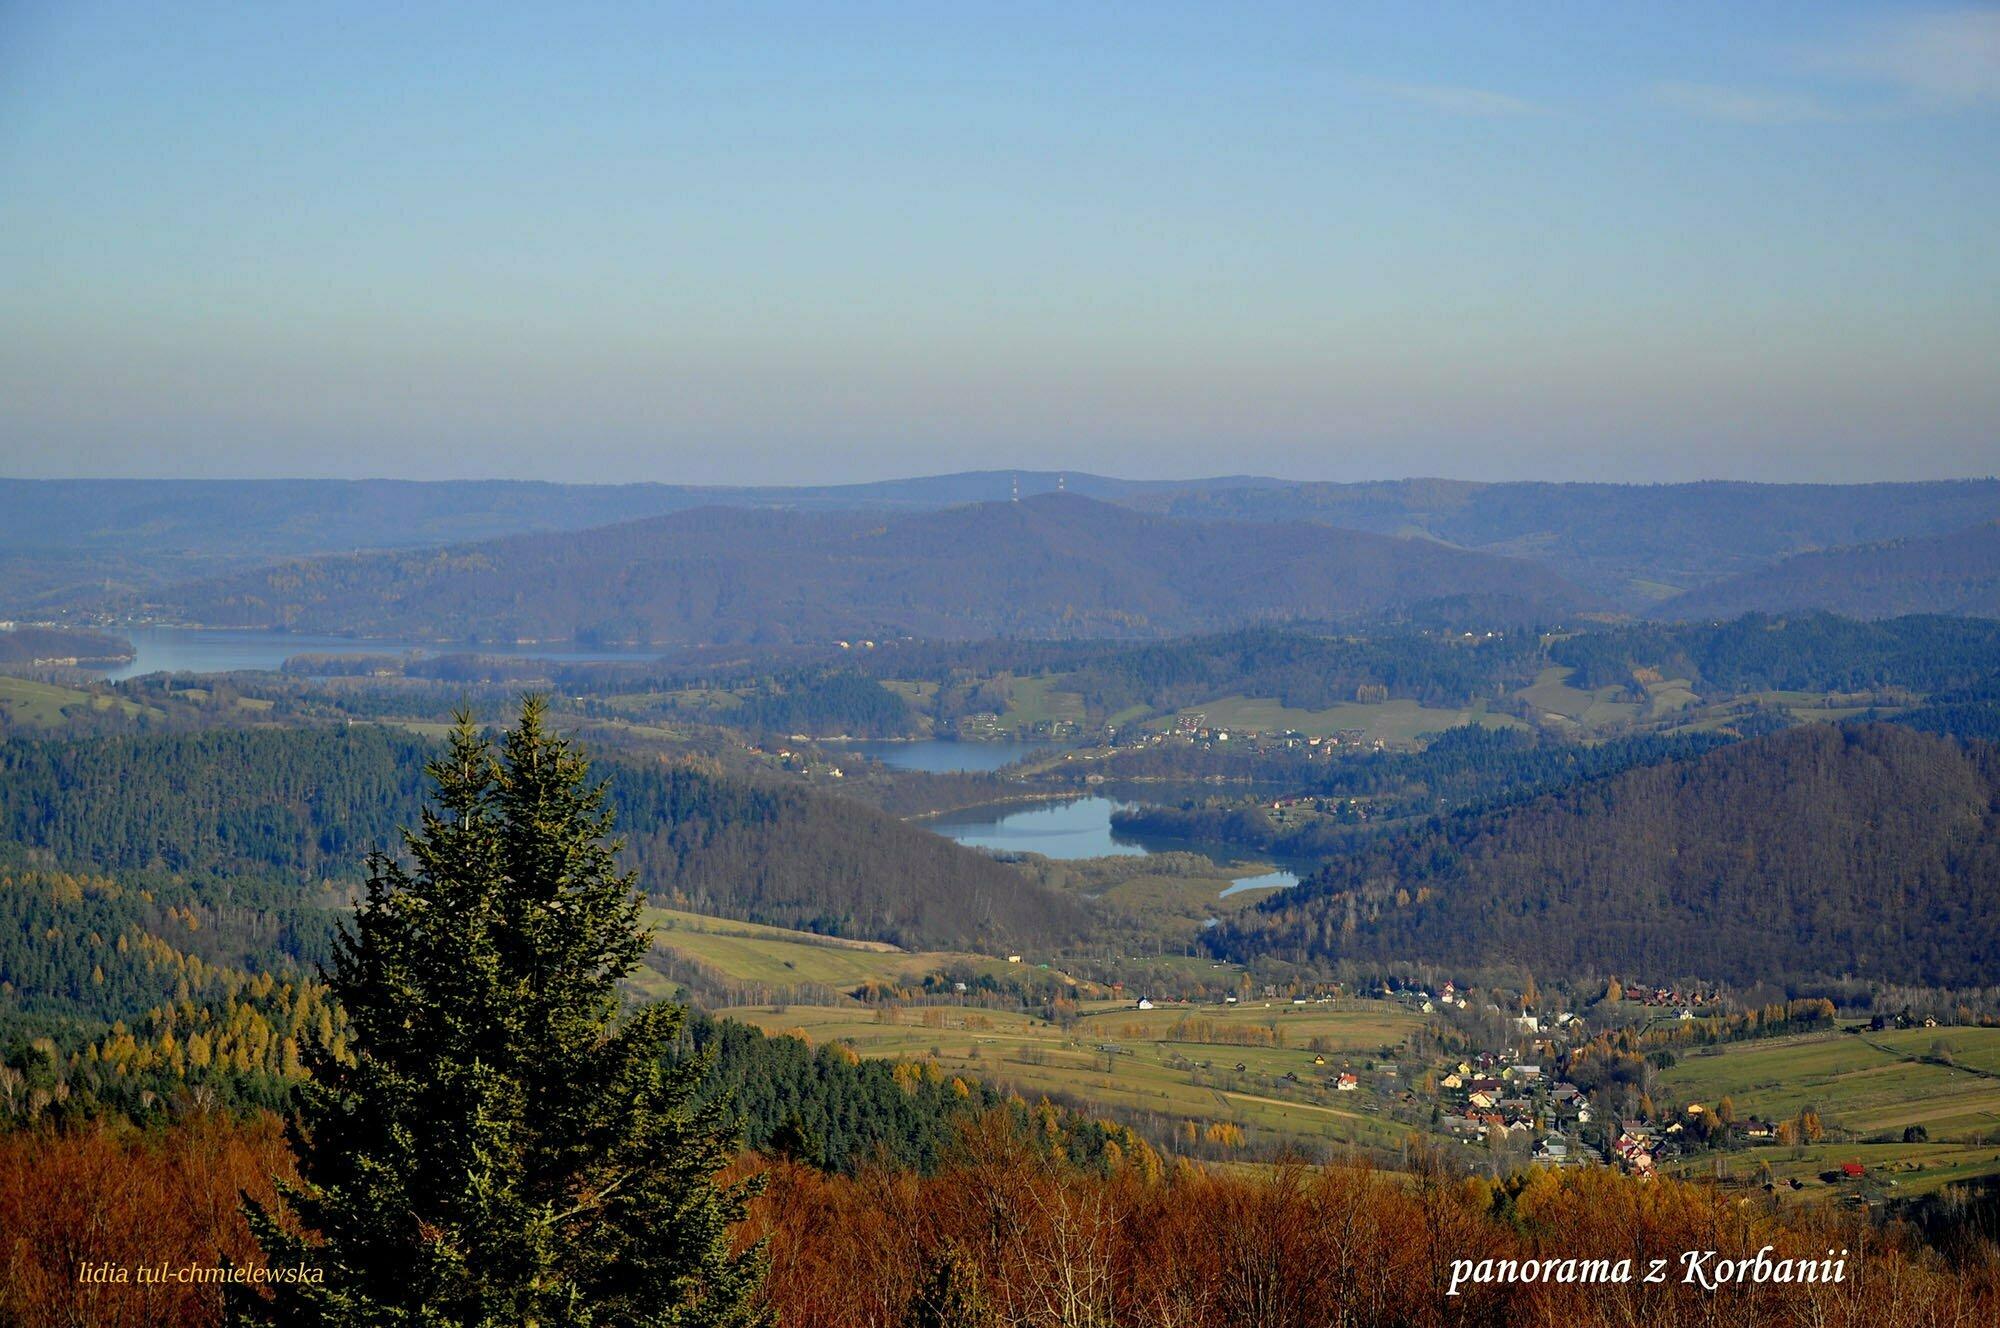 Panorama z Korbanii  / fot. Lidia Tul-Chmielewska